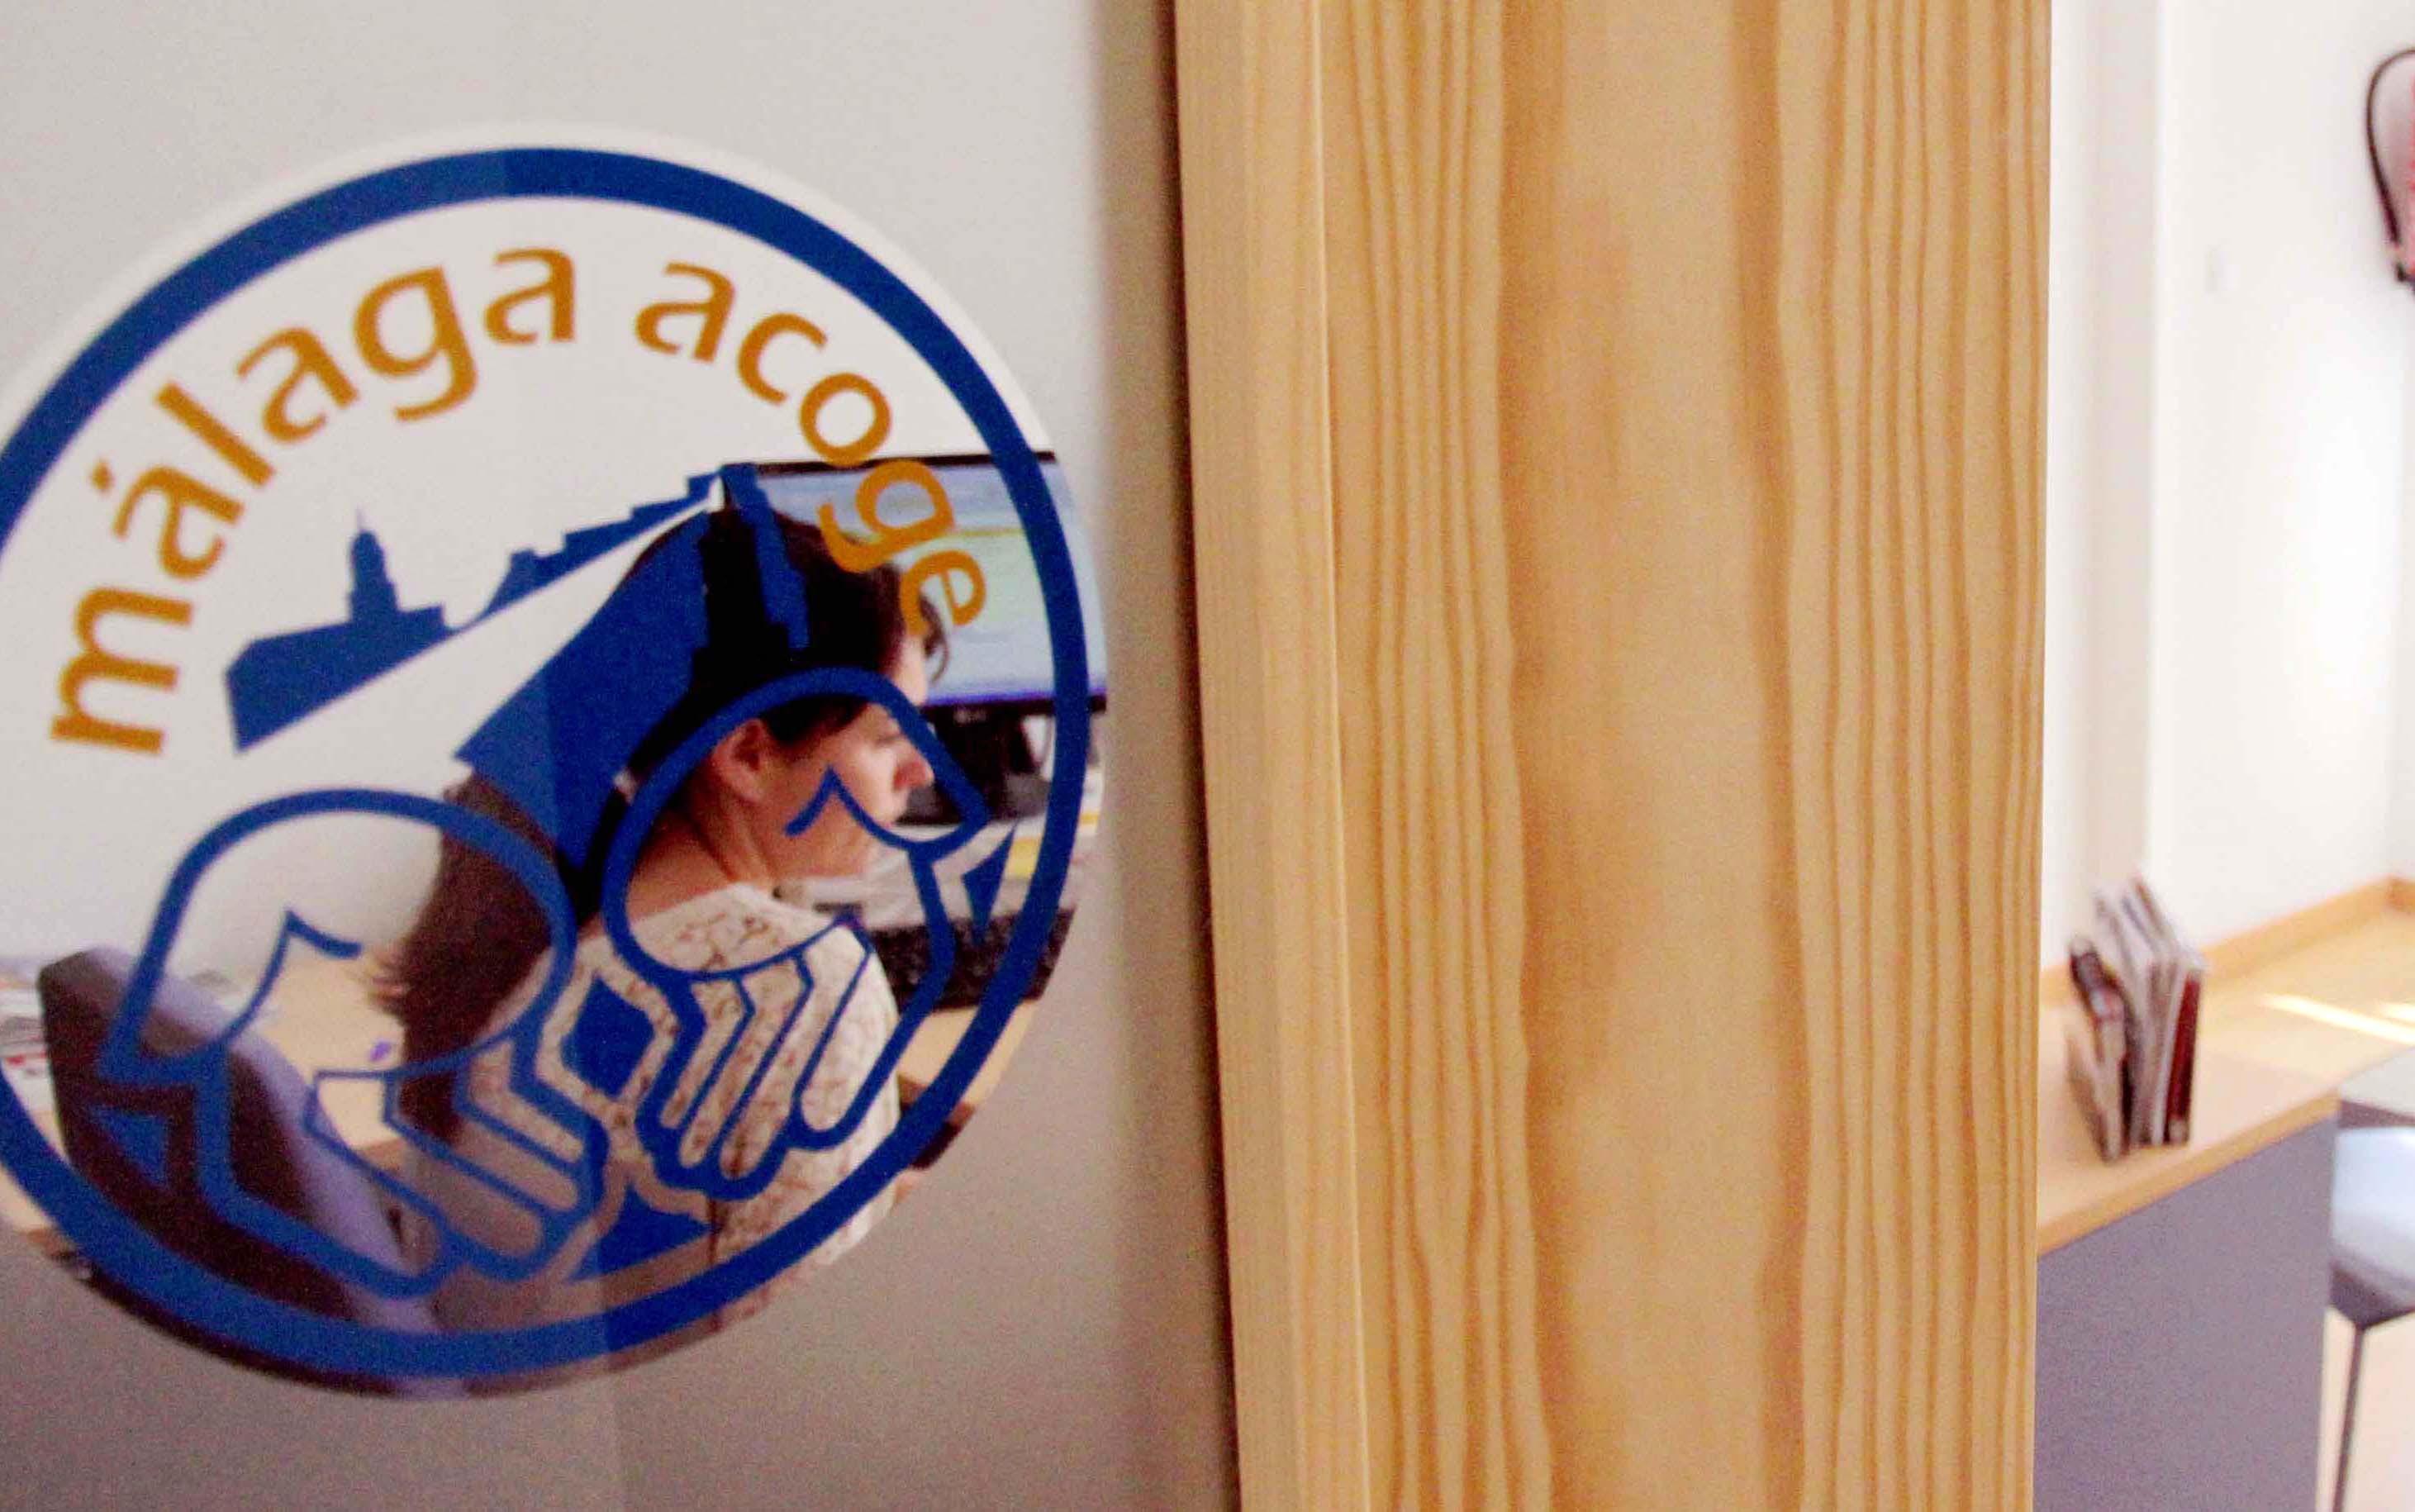 Málaga Acoge atiende a 758 personas inmigrantes en su sede de la Axarquía durante 2012